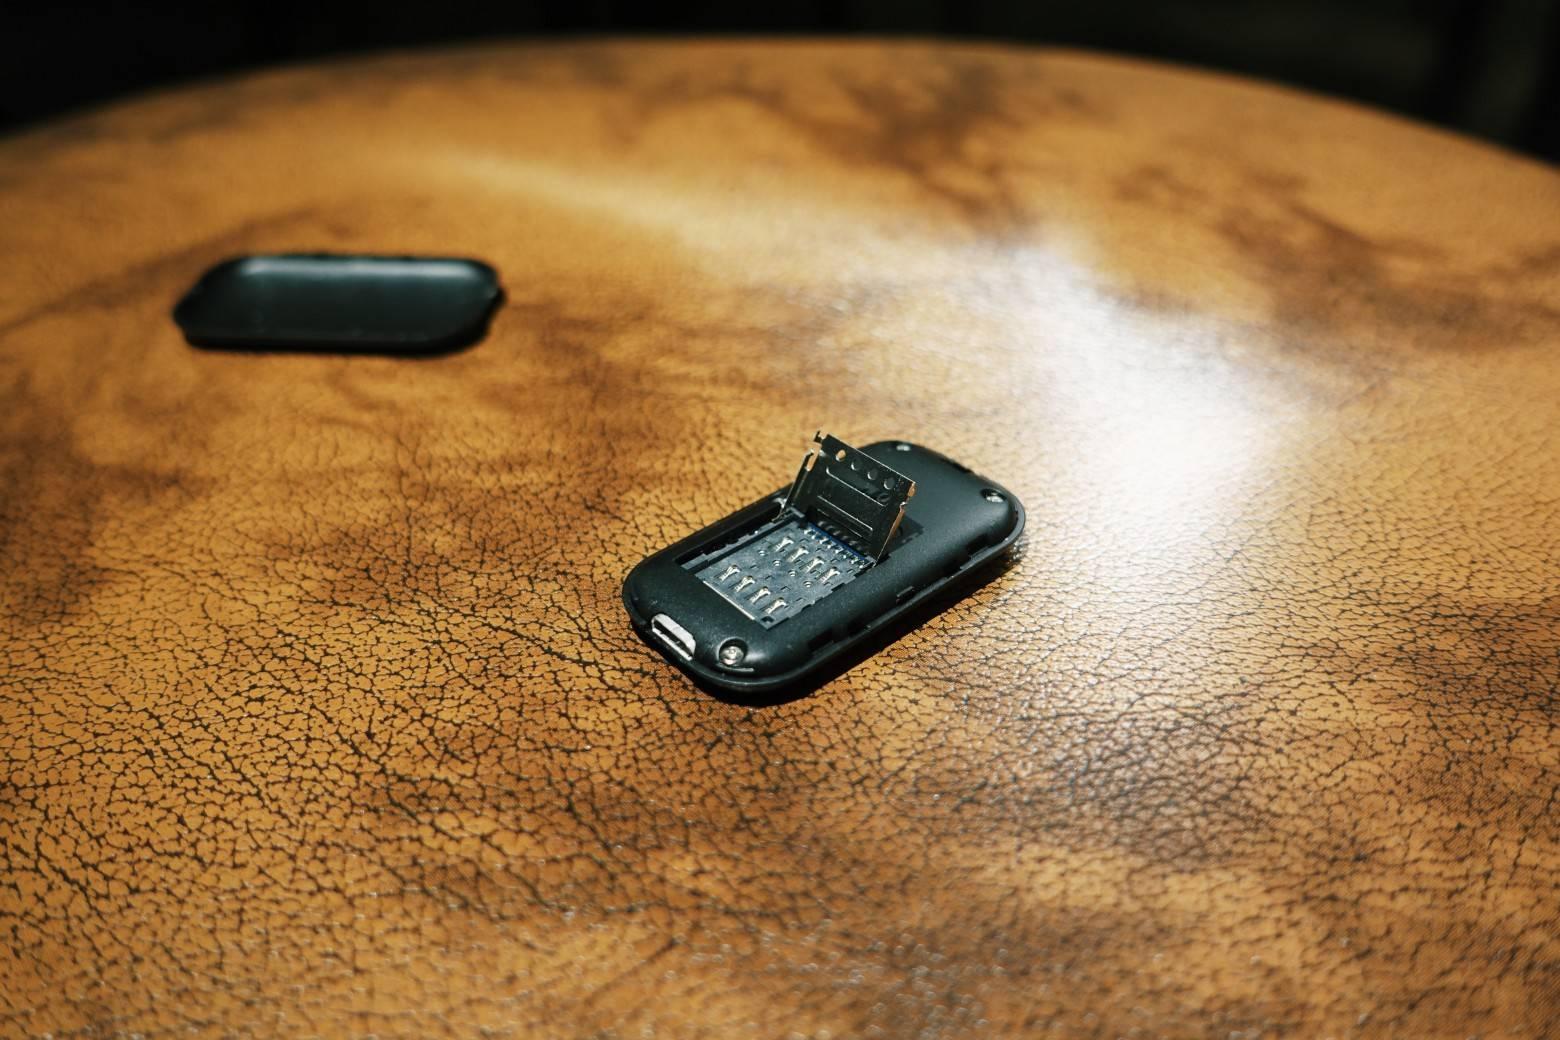 打开盖子可以插入一张 Micro-SIM 卡,一般的 Nano-SIM 需要卡托